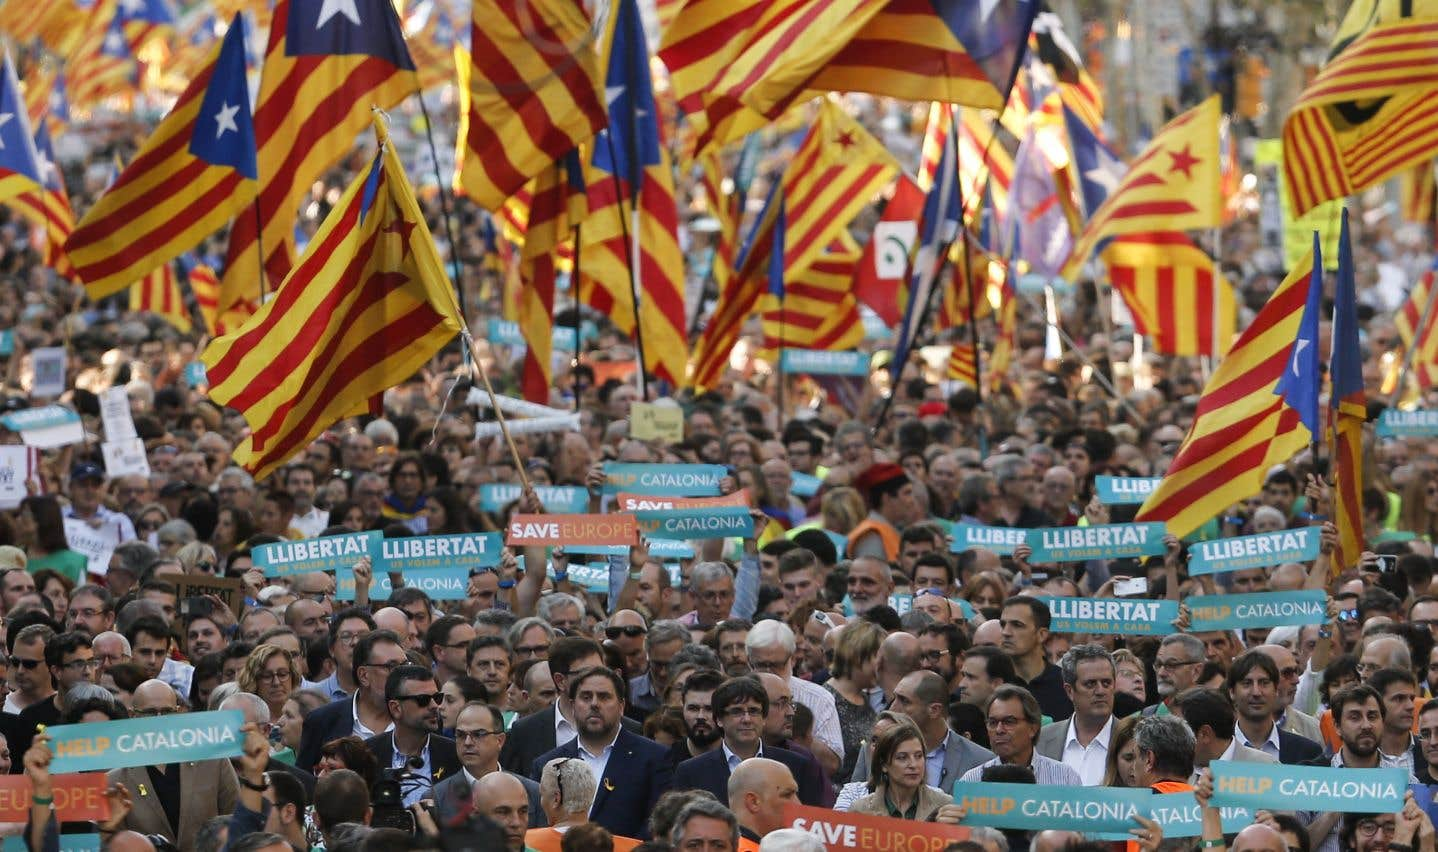 Quand le gouvernement catalan a décidé de défier l'ordre constitutionnel espagnol par la célébration d'un référendum illégal, la seule réponse du gouvernement de Mariano Rajoy a été de déclencher une vague de répression qui a renforcé la légitimité du mouvement indépendantiste, estime l'auteur.